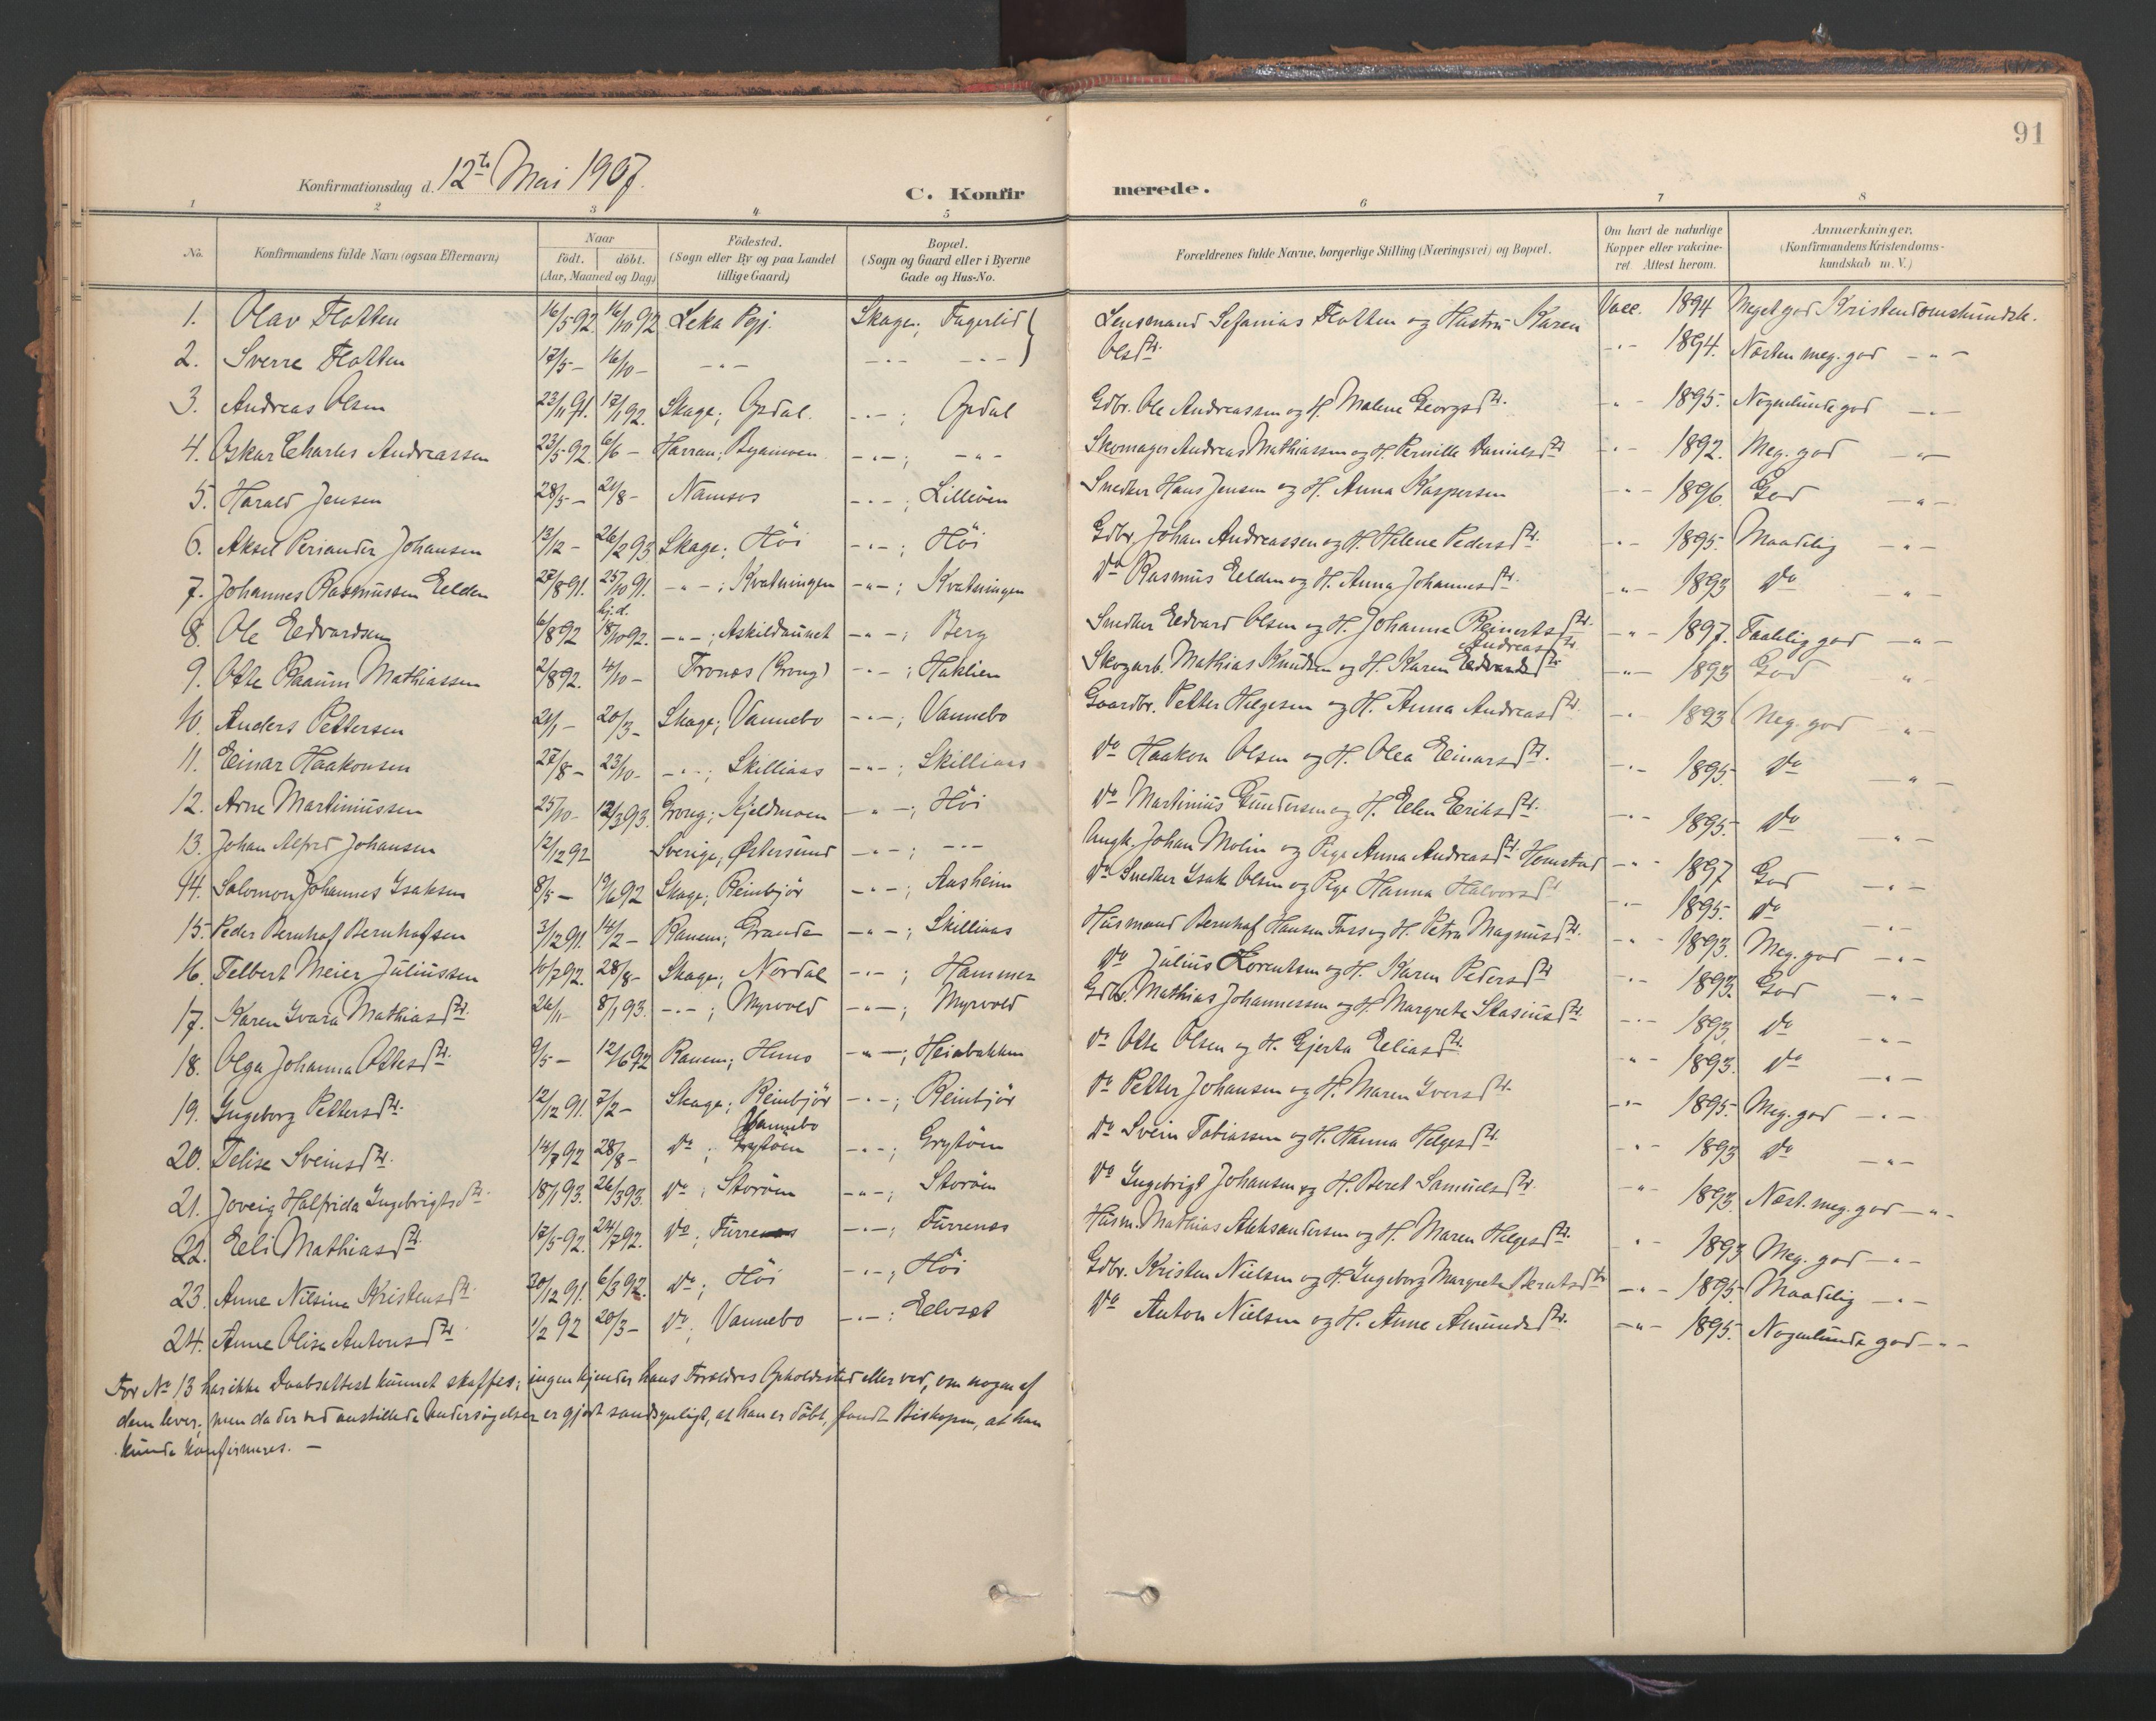 SAT, Ministerialprotokoller, klokkerbøker og fødselsregistre - Nord-Trøndelag, 766/L0564: Ministerialbok nr. 767A02, 1900-1932, s. 91